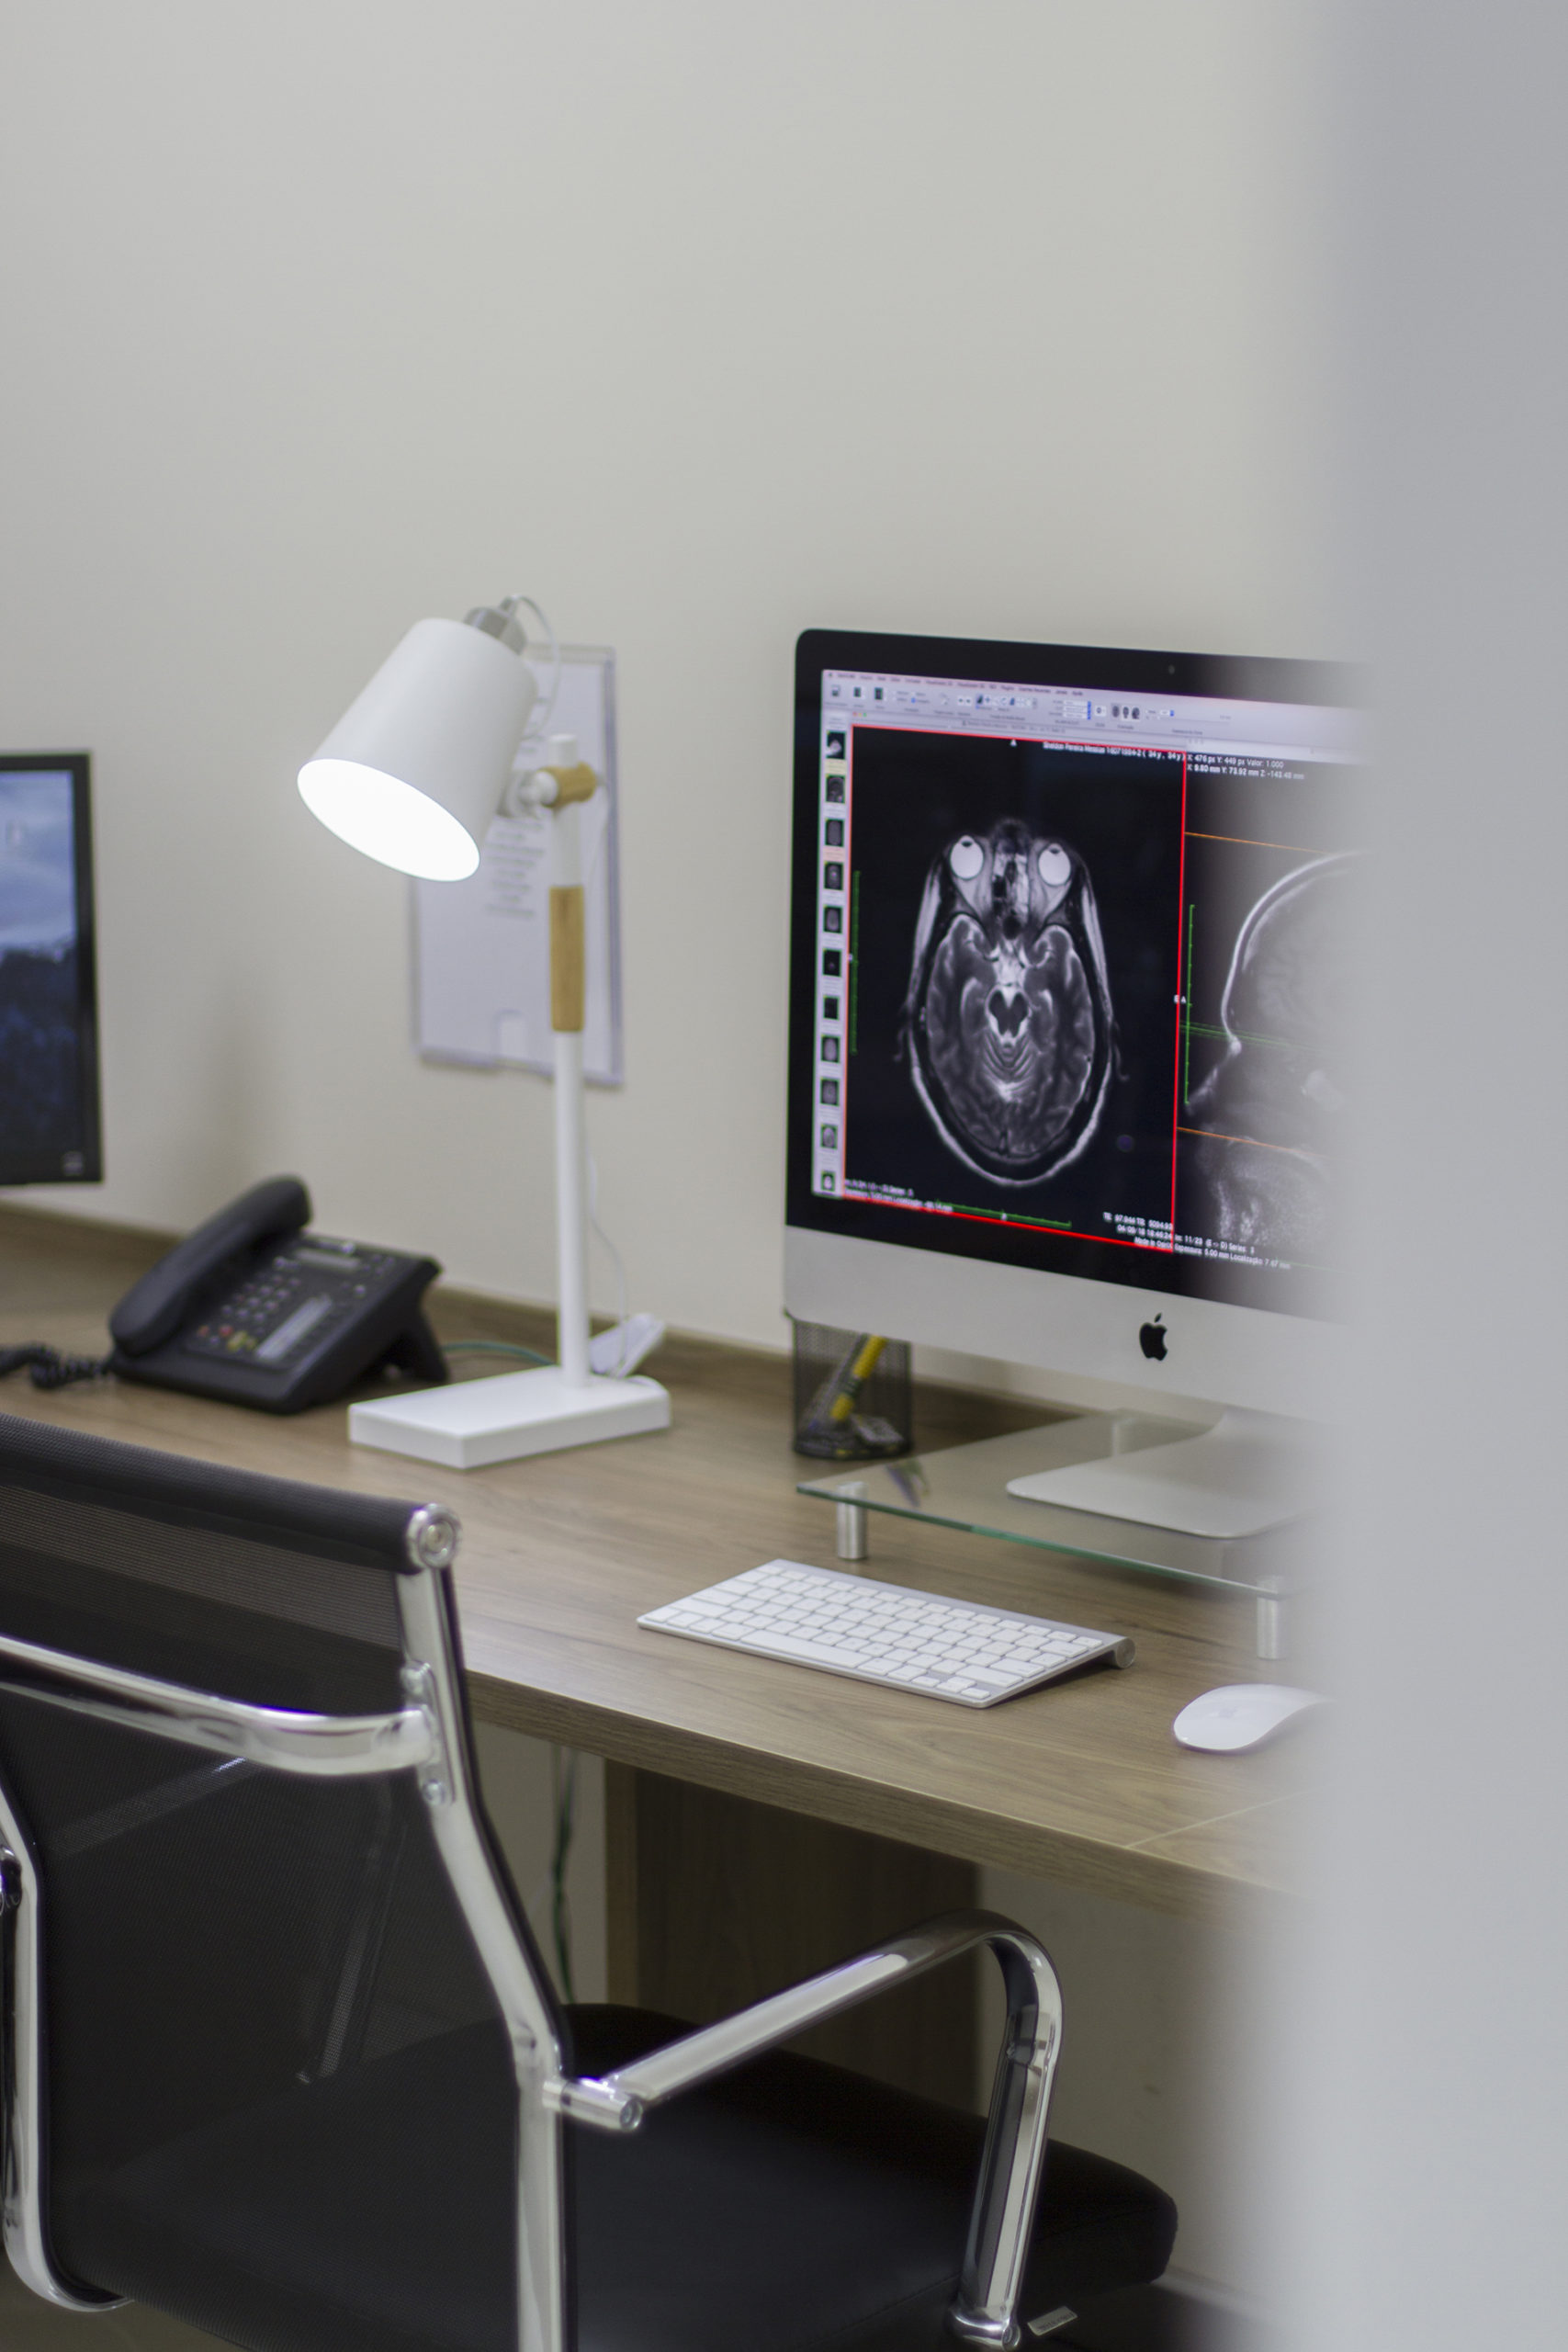 clinica ressonance diagnostico por imagem em brasília